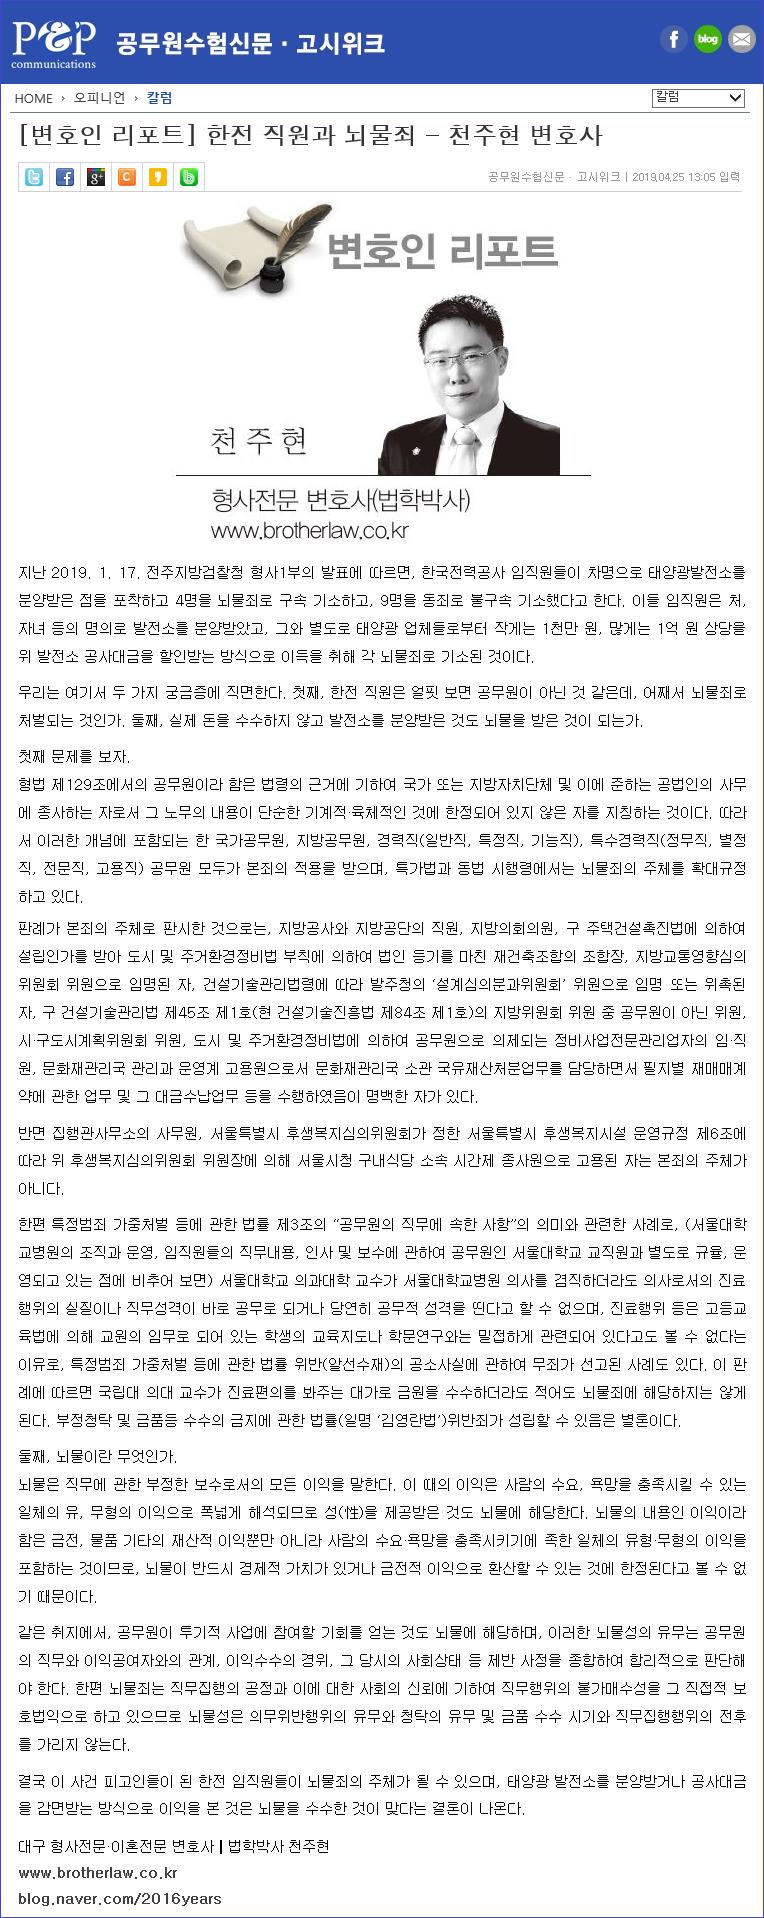 190425-온라인 기사(한전 직원과 뇌물죄).png